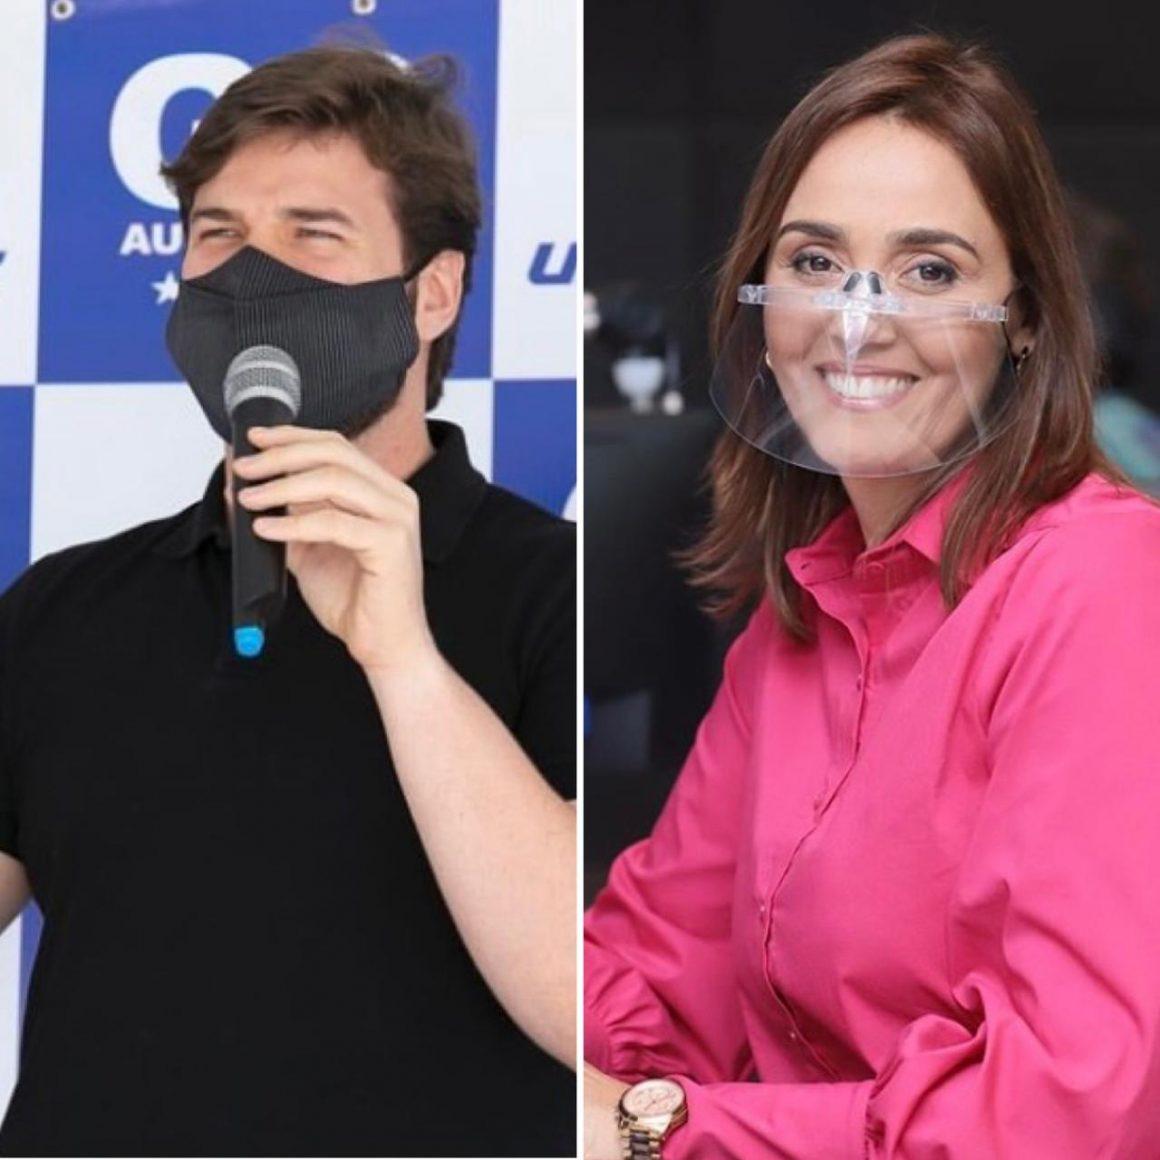 Bruno e Ana Cláudia terão mais tempo de guia